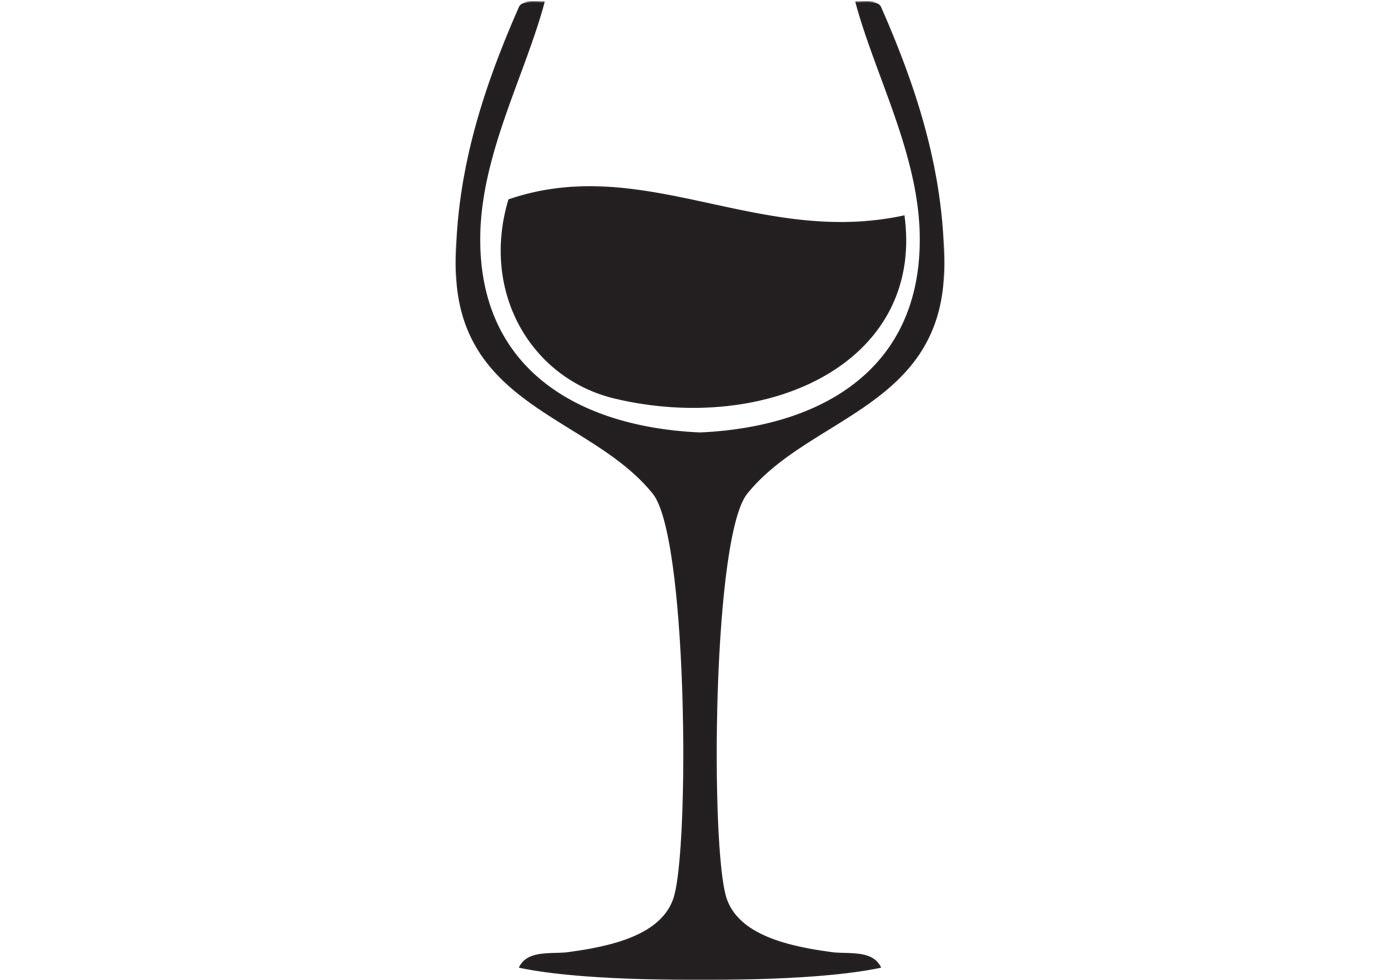 1400x980 Wine Glass Silhouette Clip Art